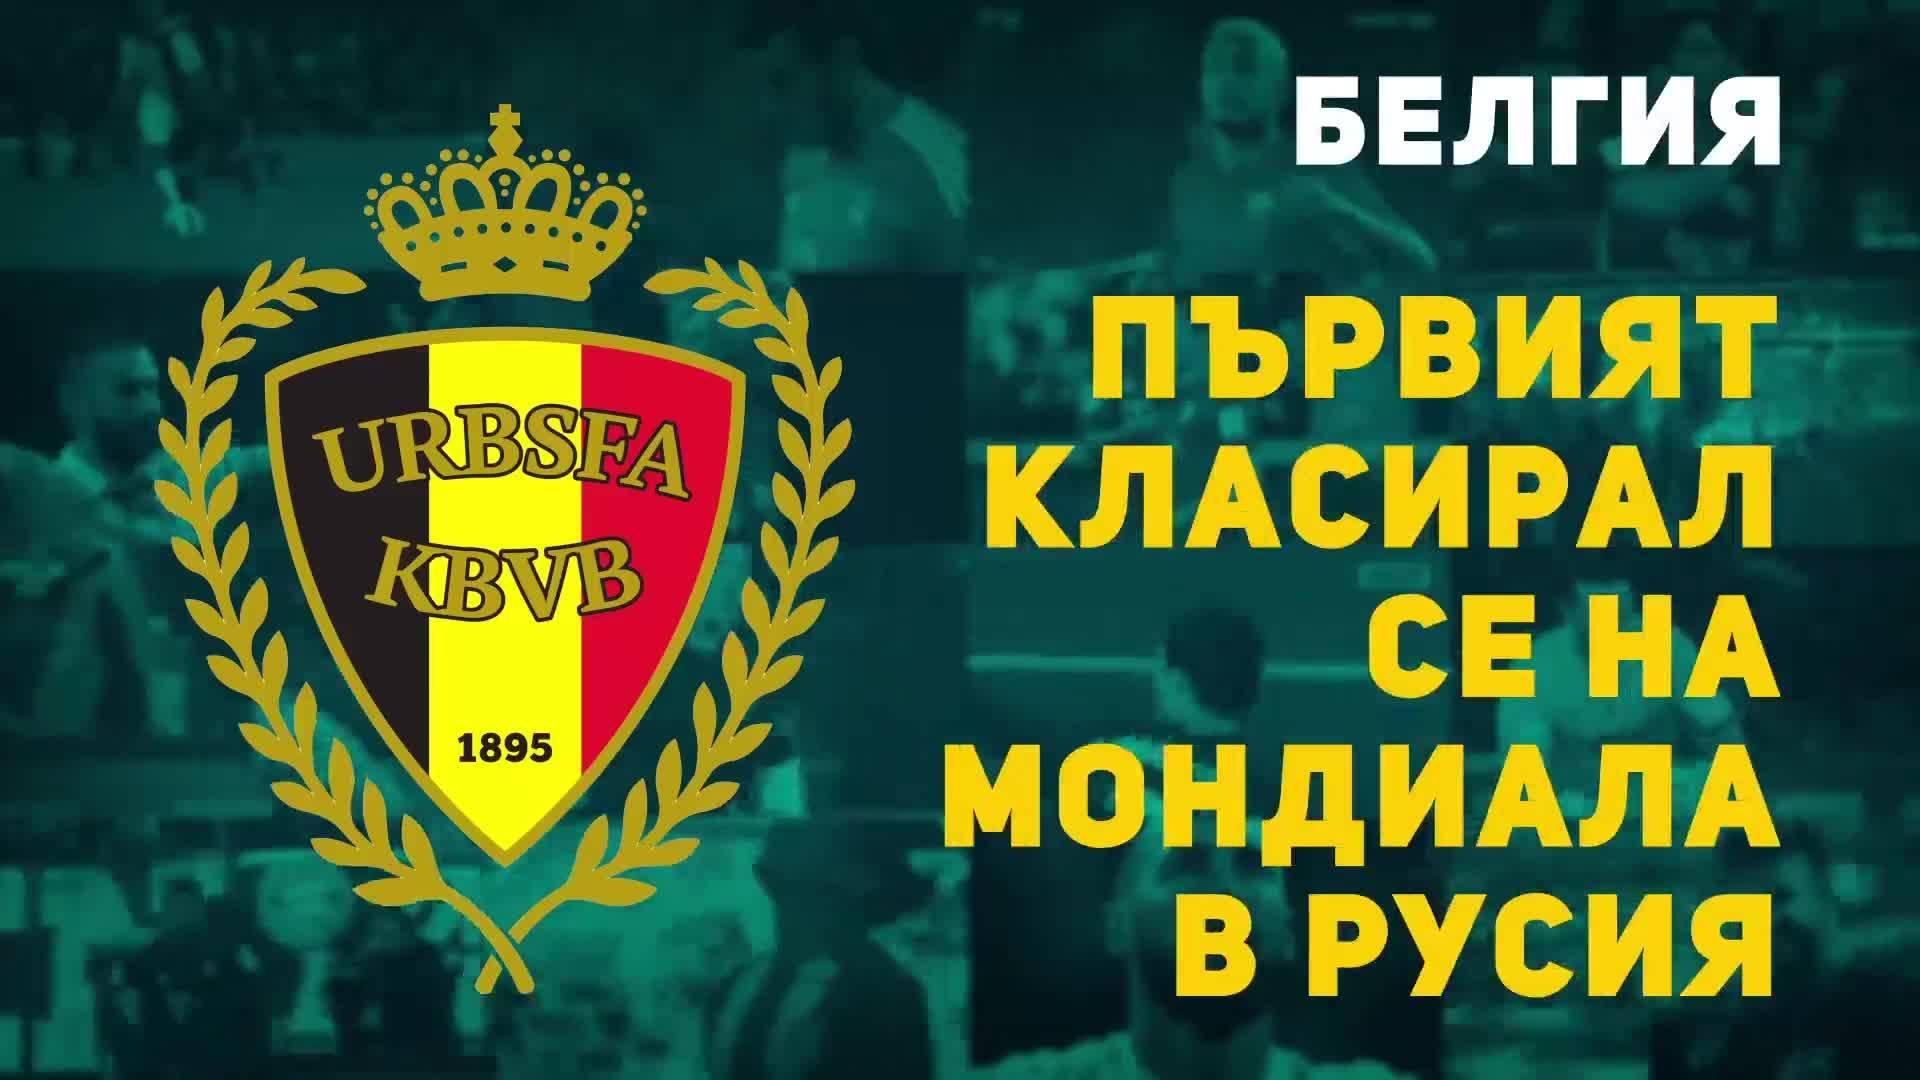 Белгия – първият класирал се на Мондиала в Русия